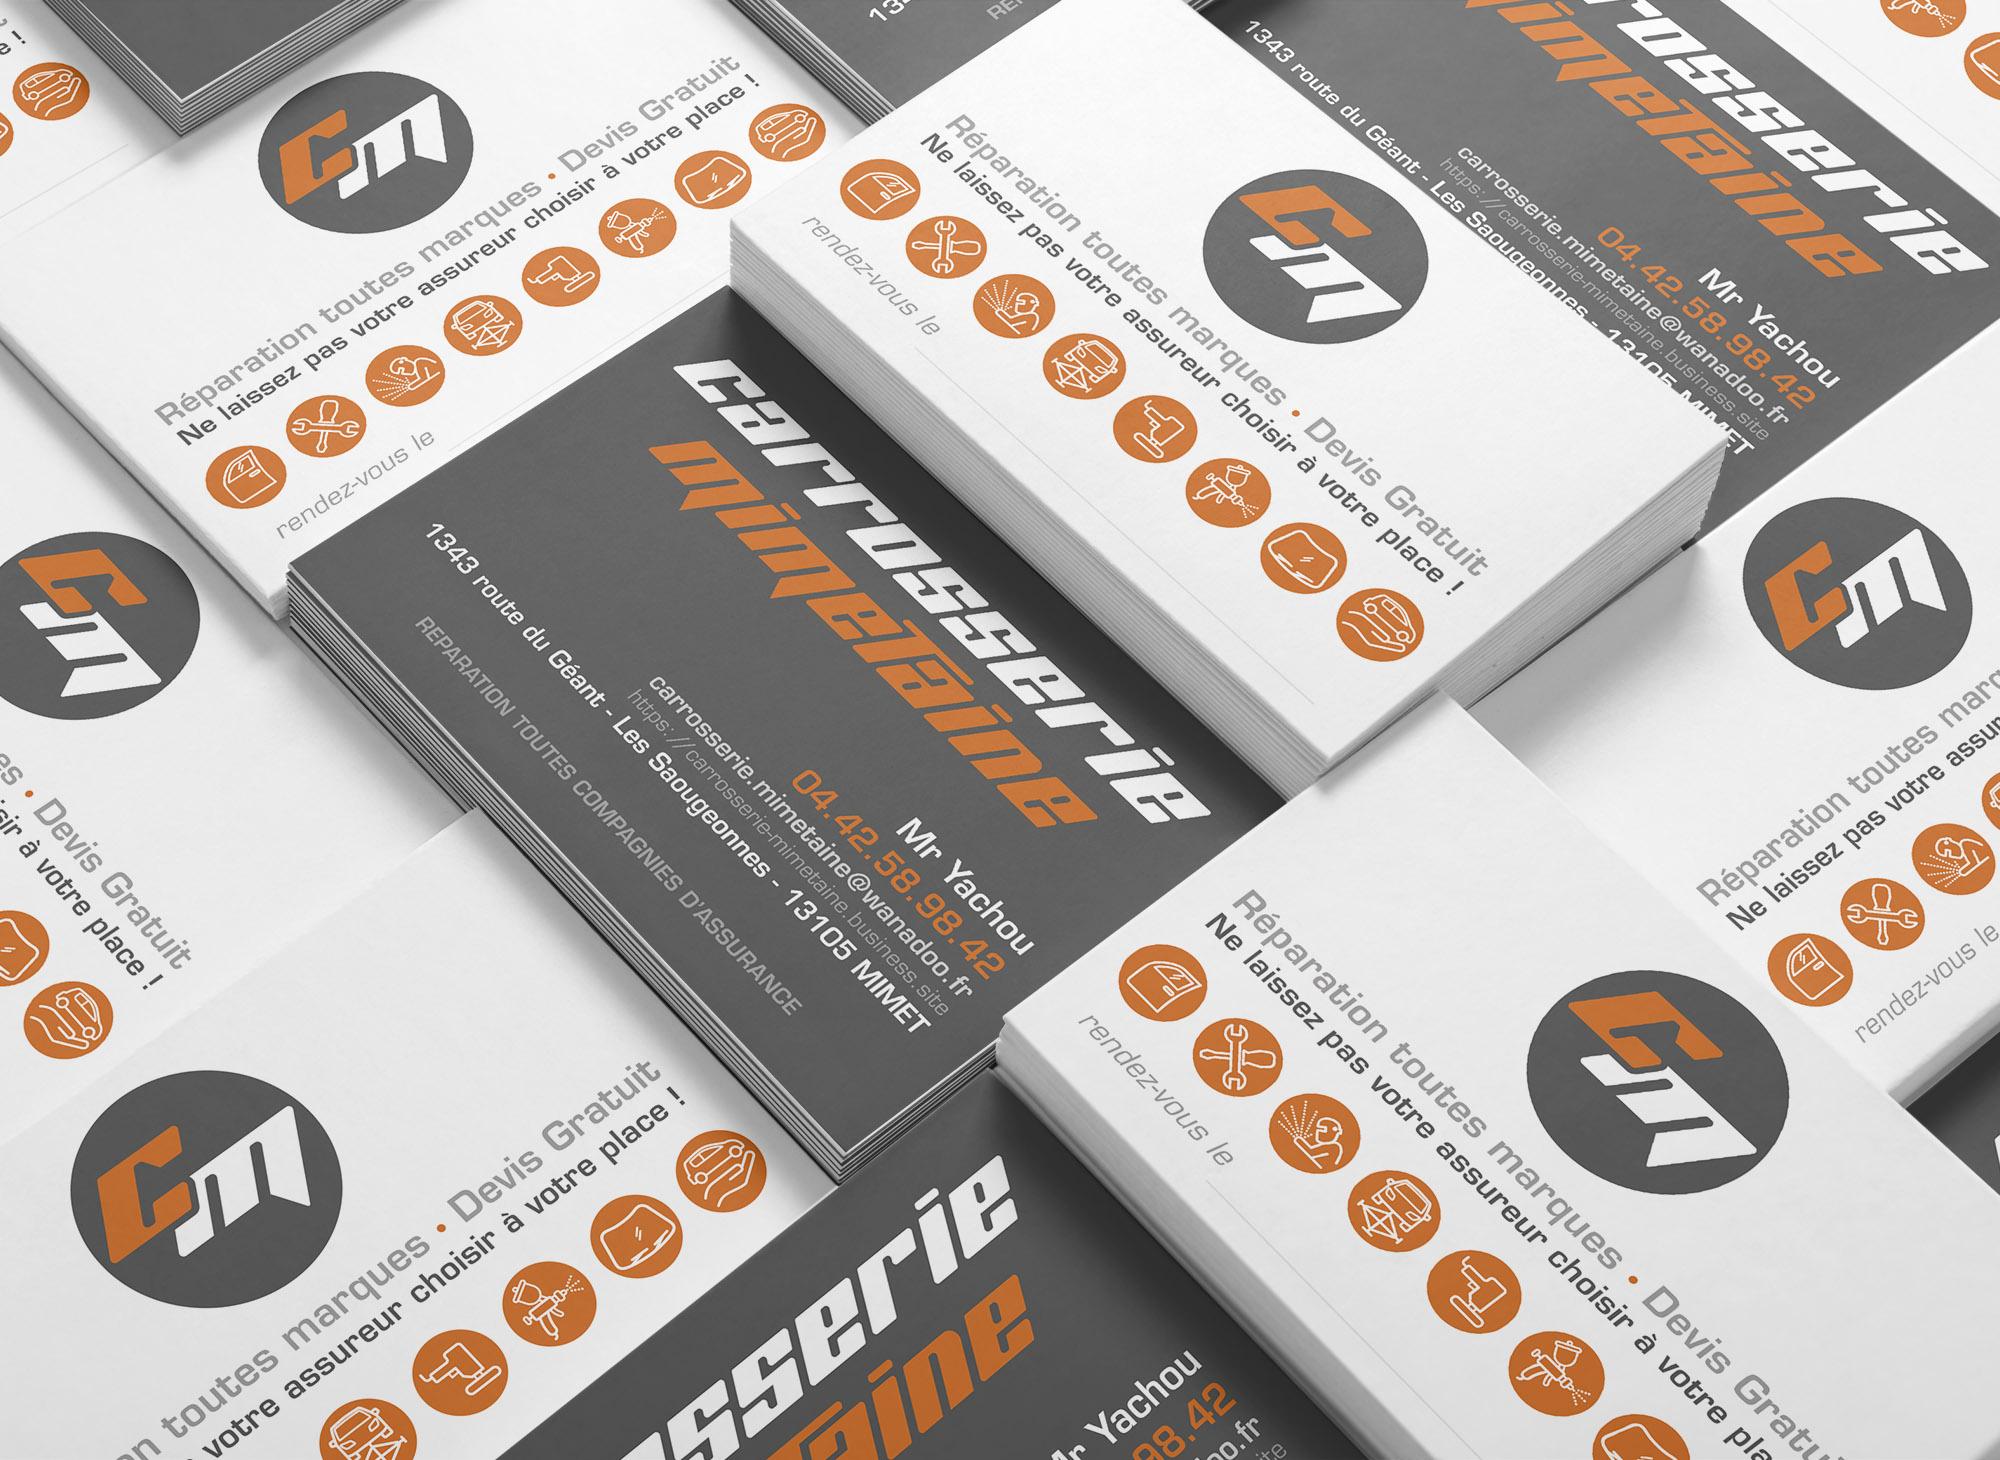 Identité visuelle, logo, carte de visite, signalétique pour la Carrosserie Mimetaine